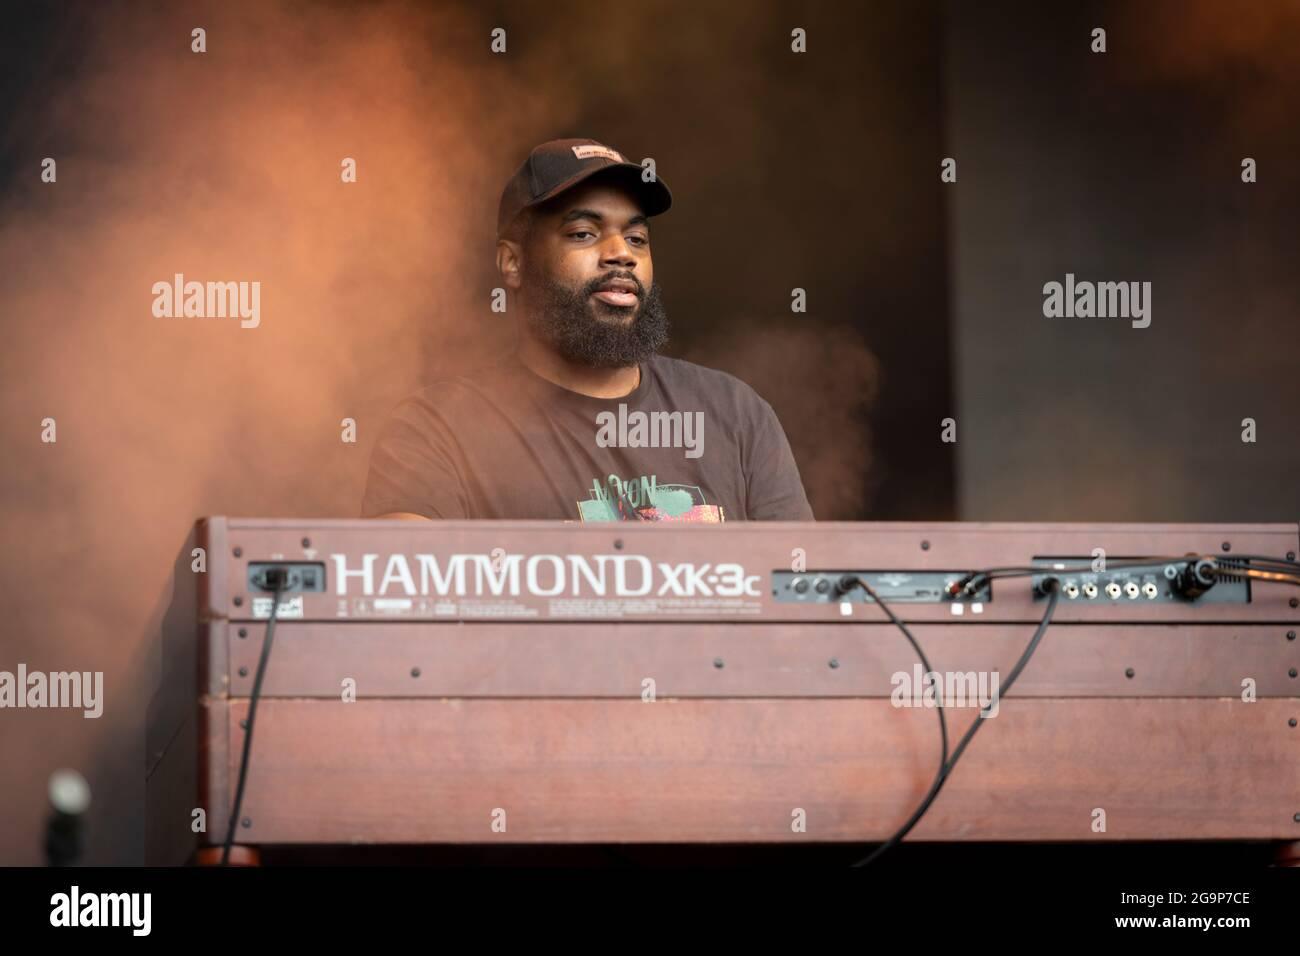 Michael Patrick joueur de clavier dans le groupe Jake Bugg au festival de musique d'appel Standon 2021 Hertfordshire Royaume-Uni Banque D'Images